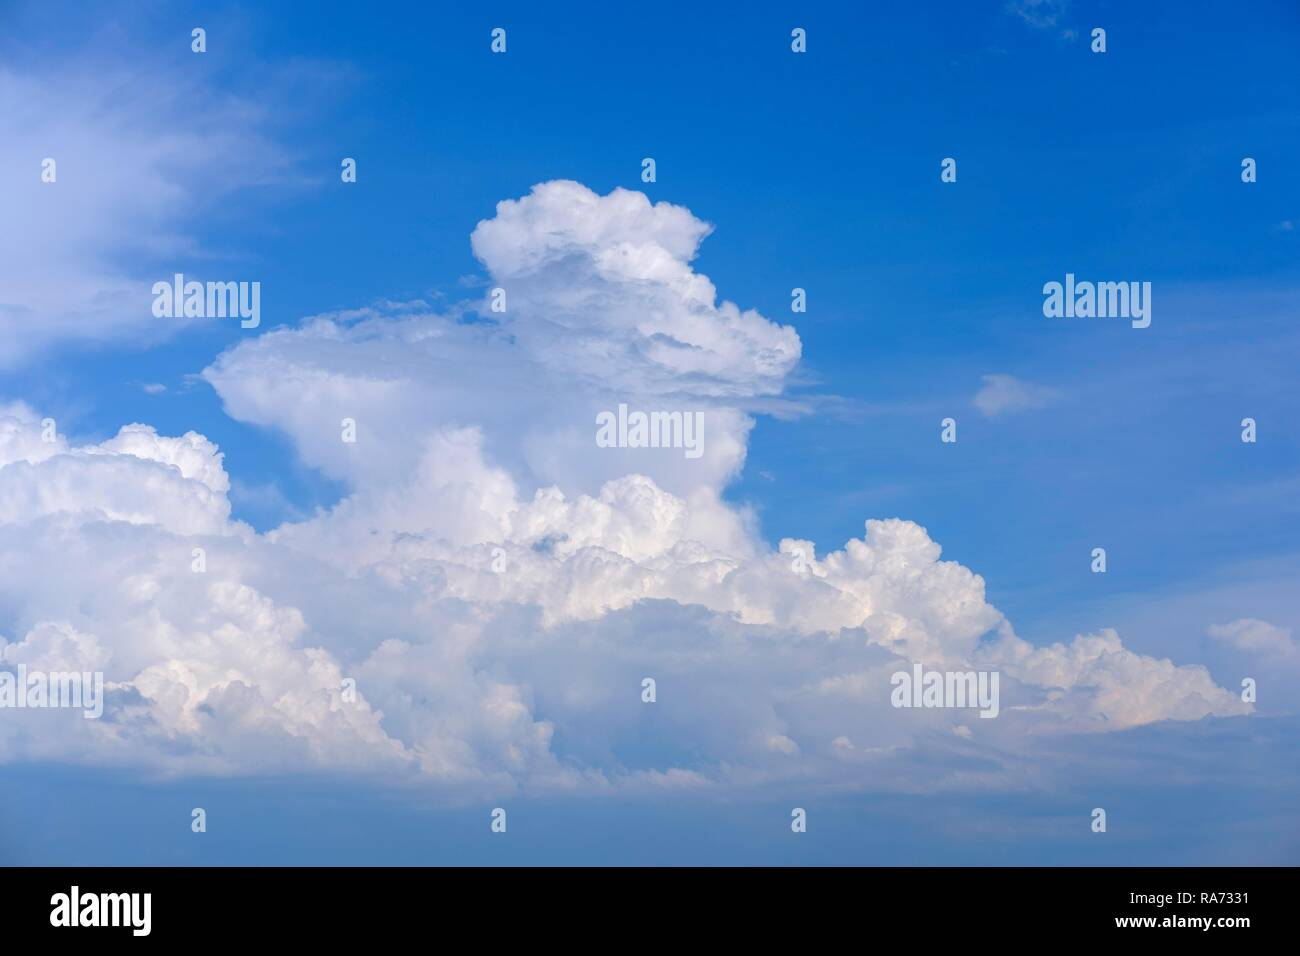 Cumulonimbus Clouds, Montenegro - Stock Image